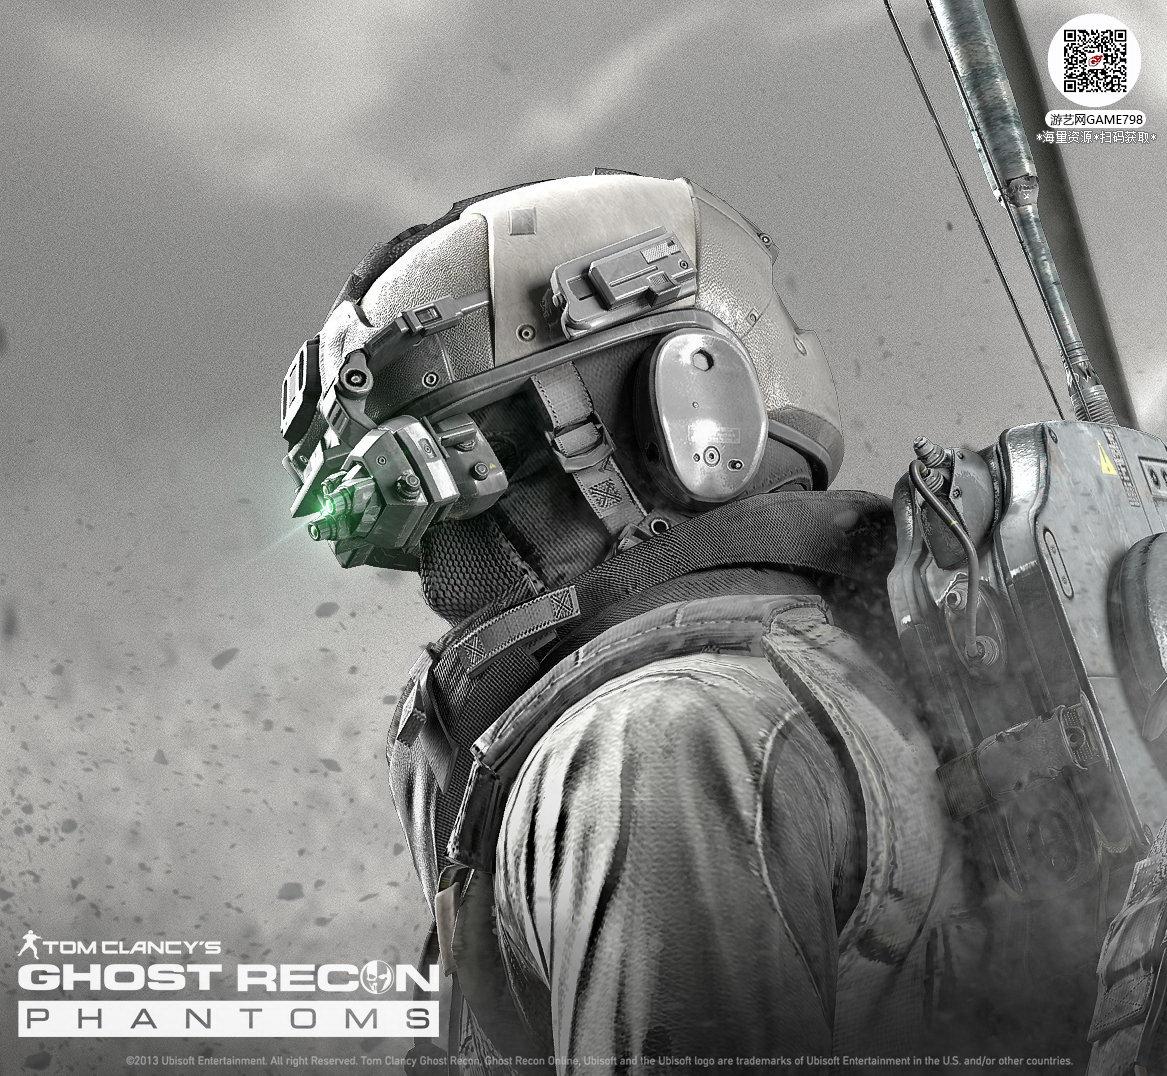 023_关注游艺网公众号获海量资源_幽灵行动未来战士次世代游戏3D模型参考原画概念设定.jpg